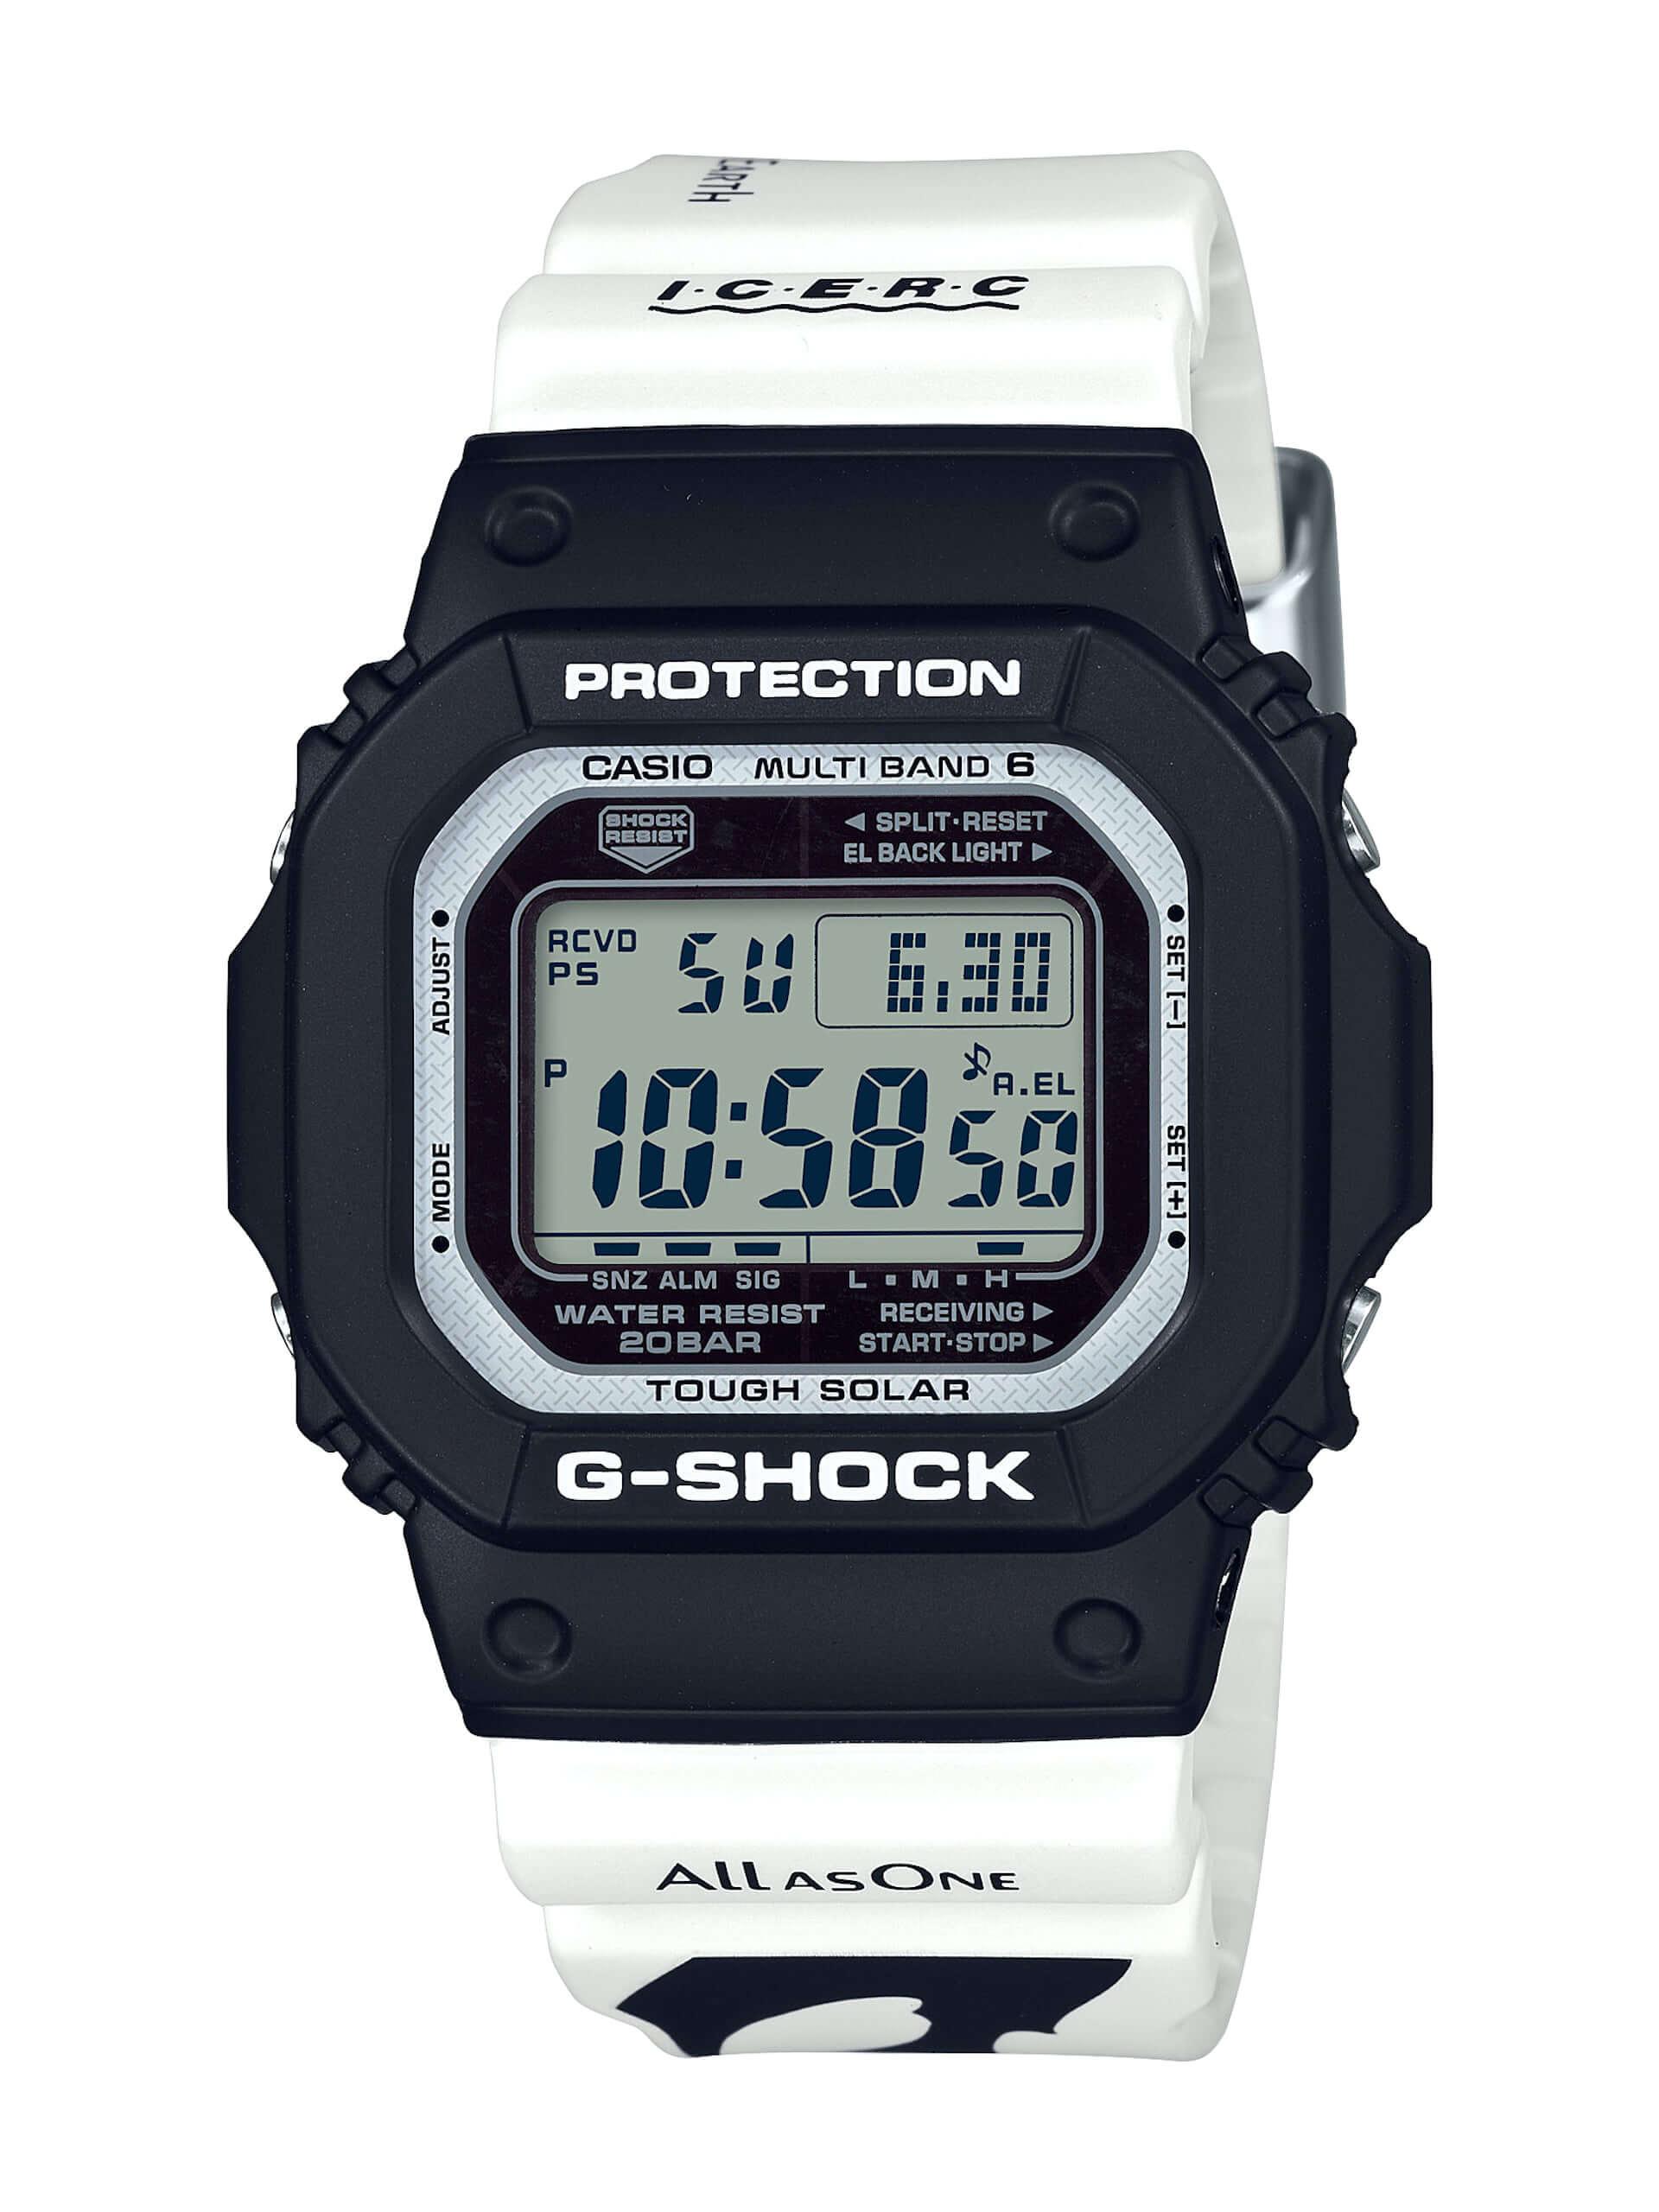 """CASIO「G-SHOCK」「BABY-G」に""""シャチ""""をモチーフにしたニューデザインが登場!アイサーチ・ジャパンとのコラボモデル新作が発売決定 tech200511_casio_watch_2-1920x2560"""